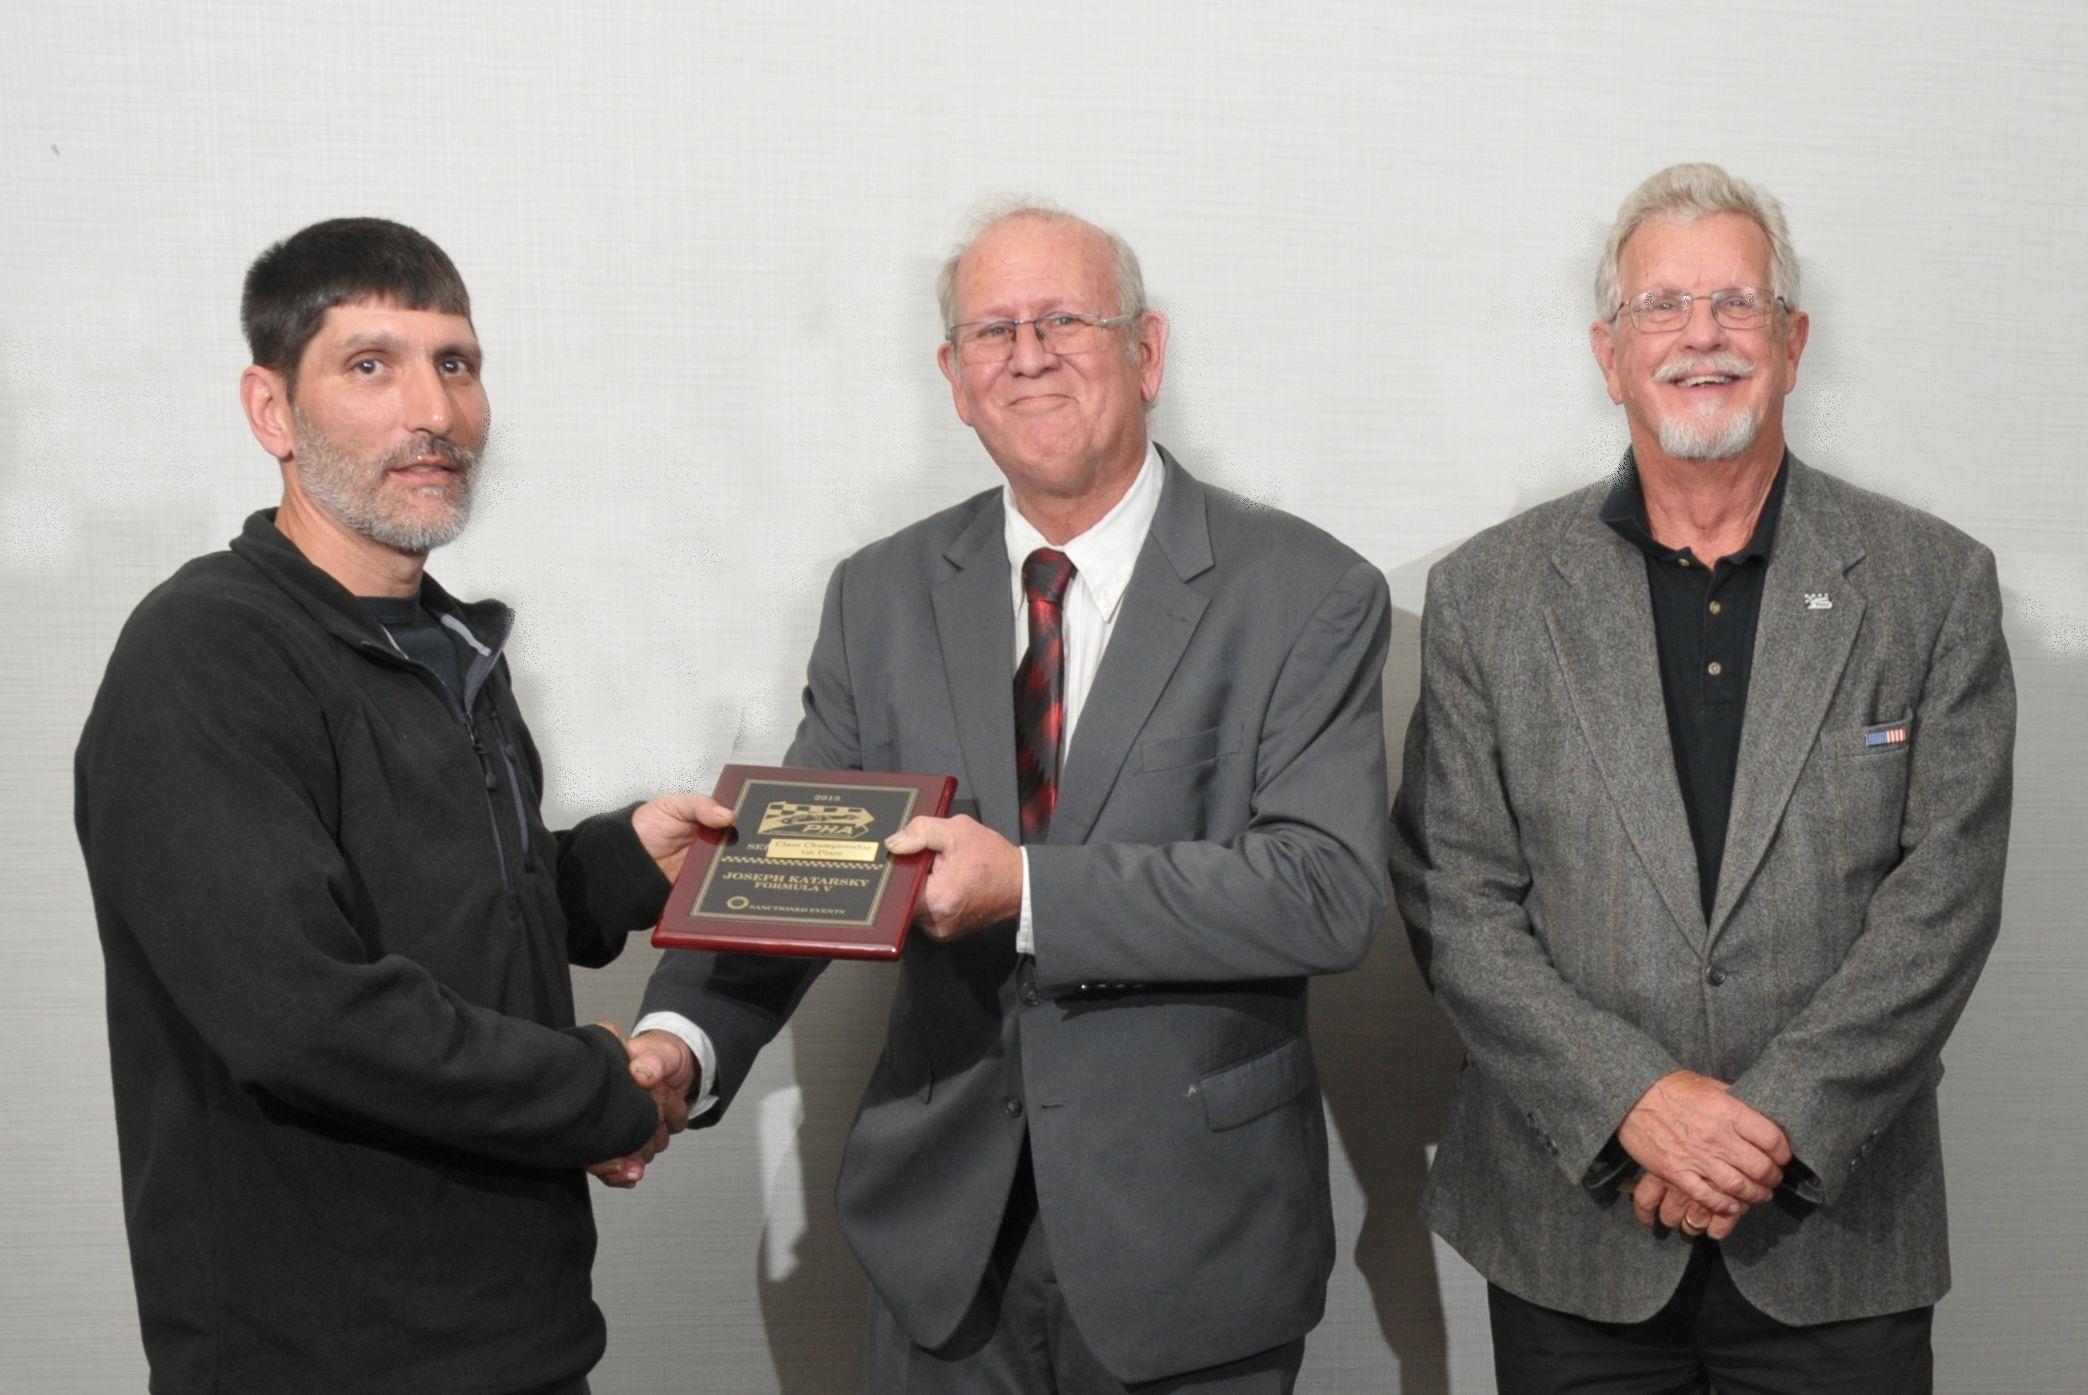 Formula V - Joseph Katarsky with PHA President Tom Knorr and Runner-up John Pitman